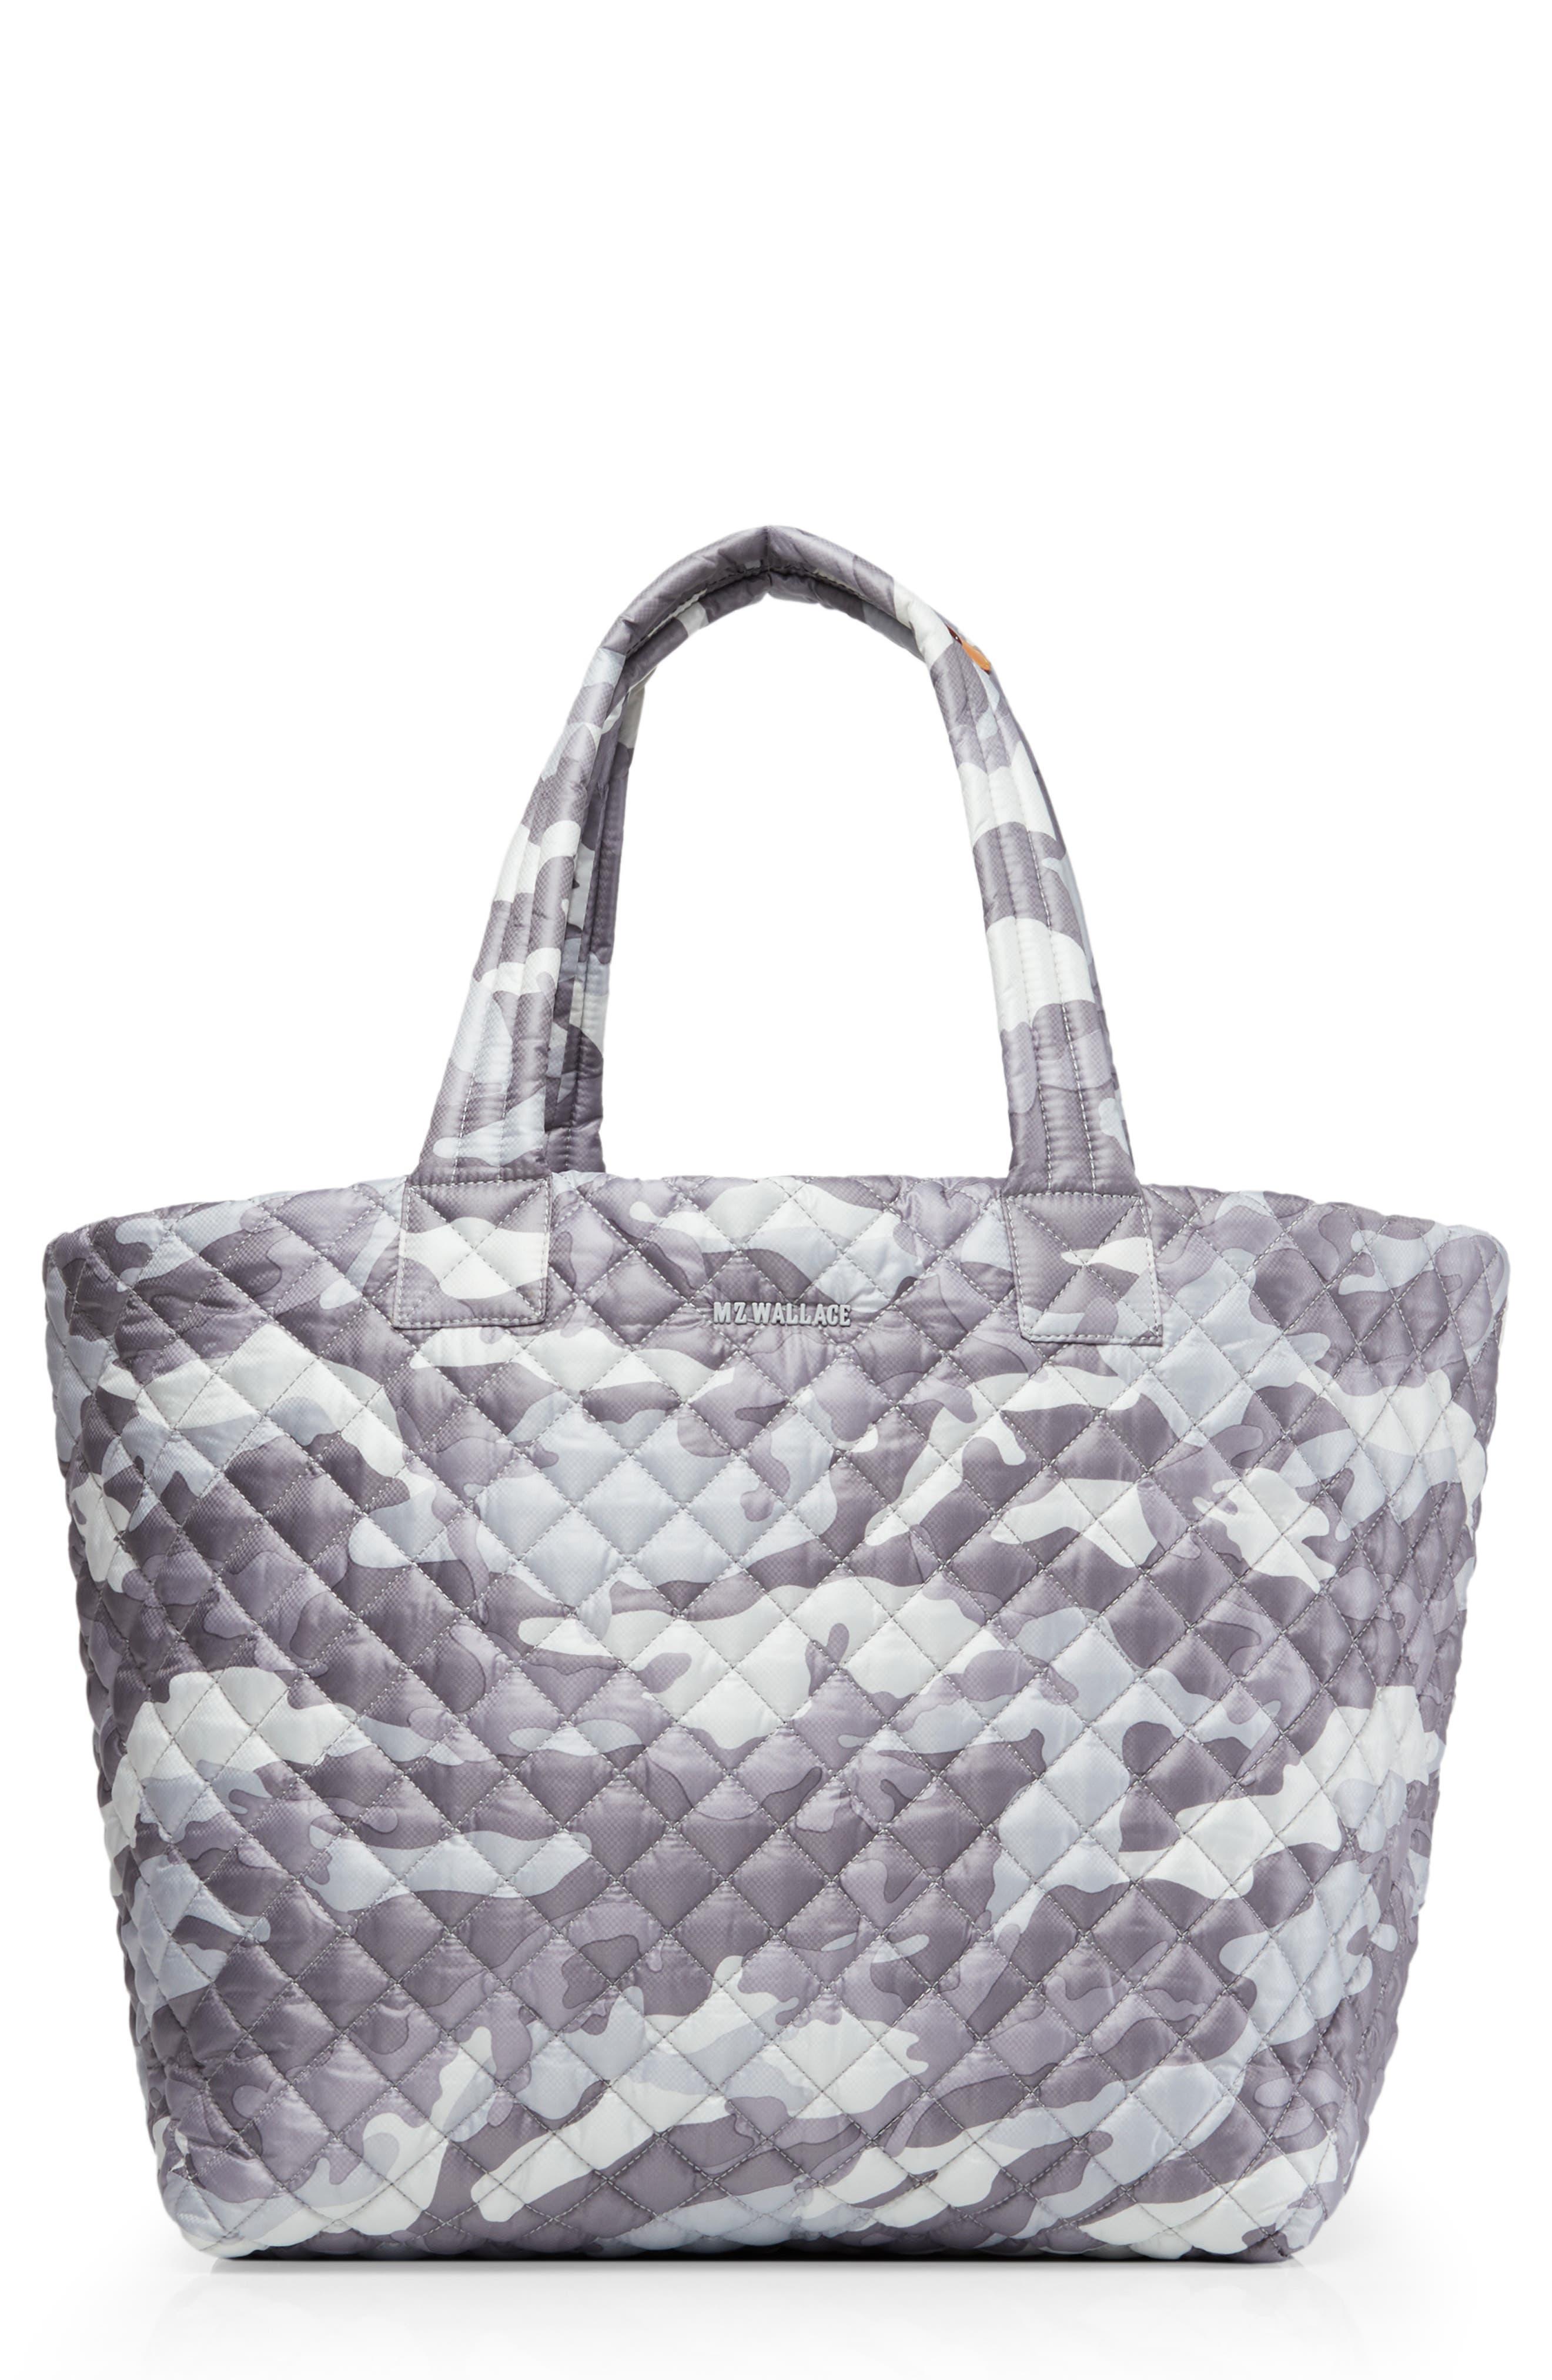 e3ca2f59ff29 Handbags & Purses | Nordstrom